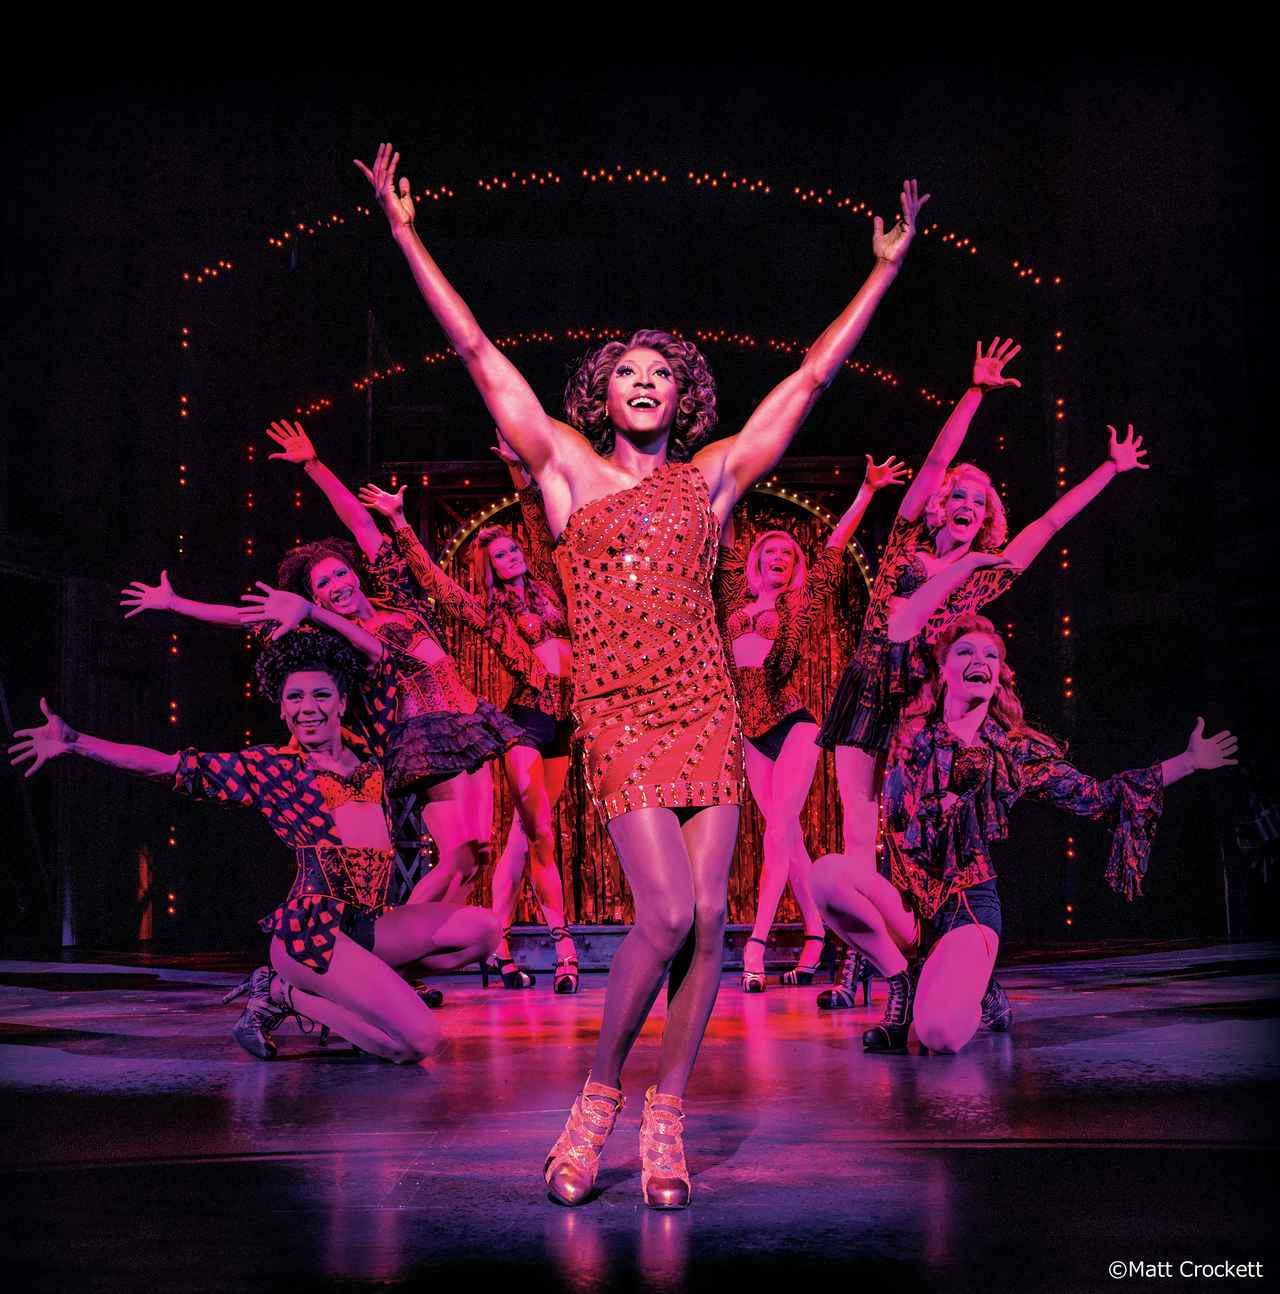 画像: 感動は心を潤す!今こそミュージカルの力が必要だ - 松竹ブロードウェイシネマ